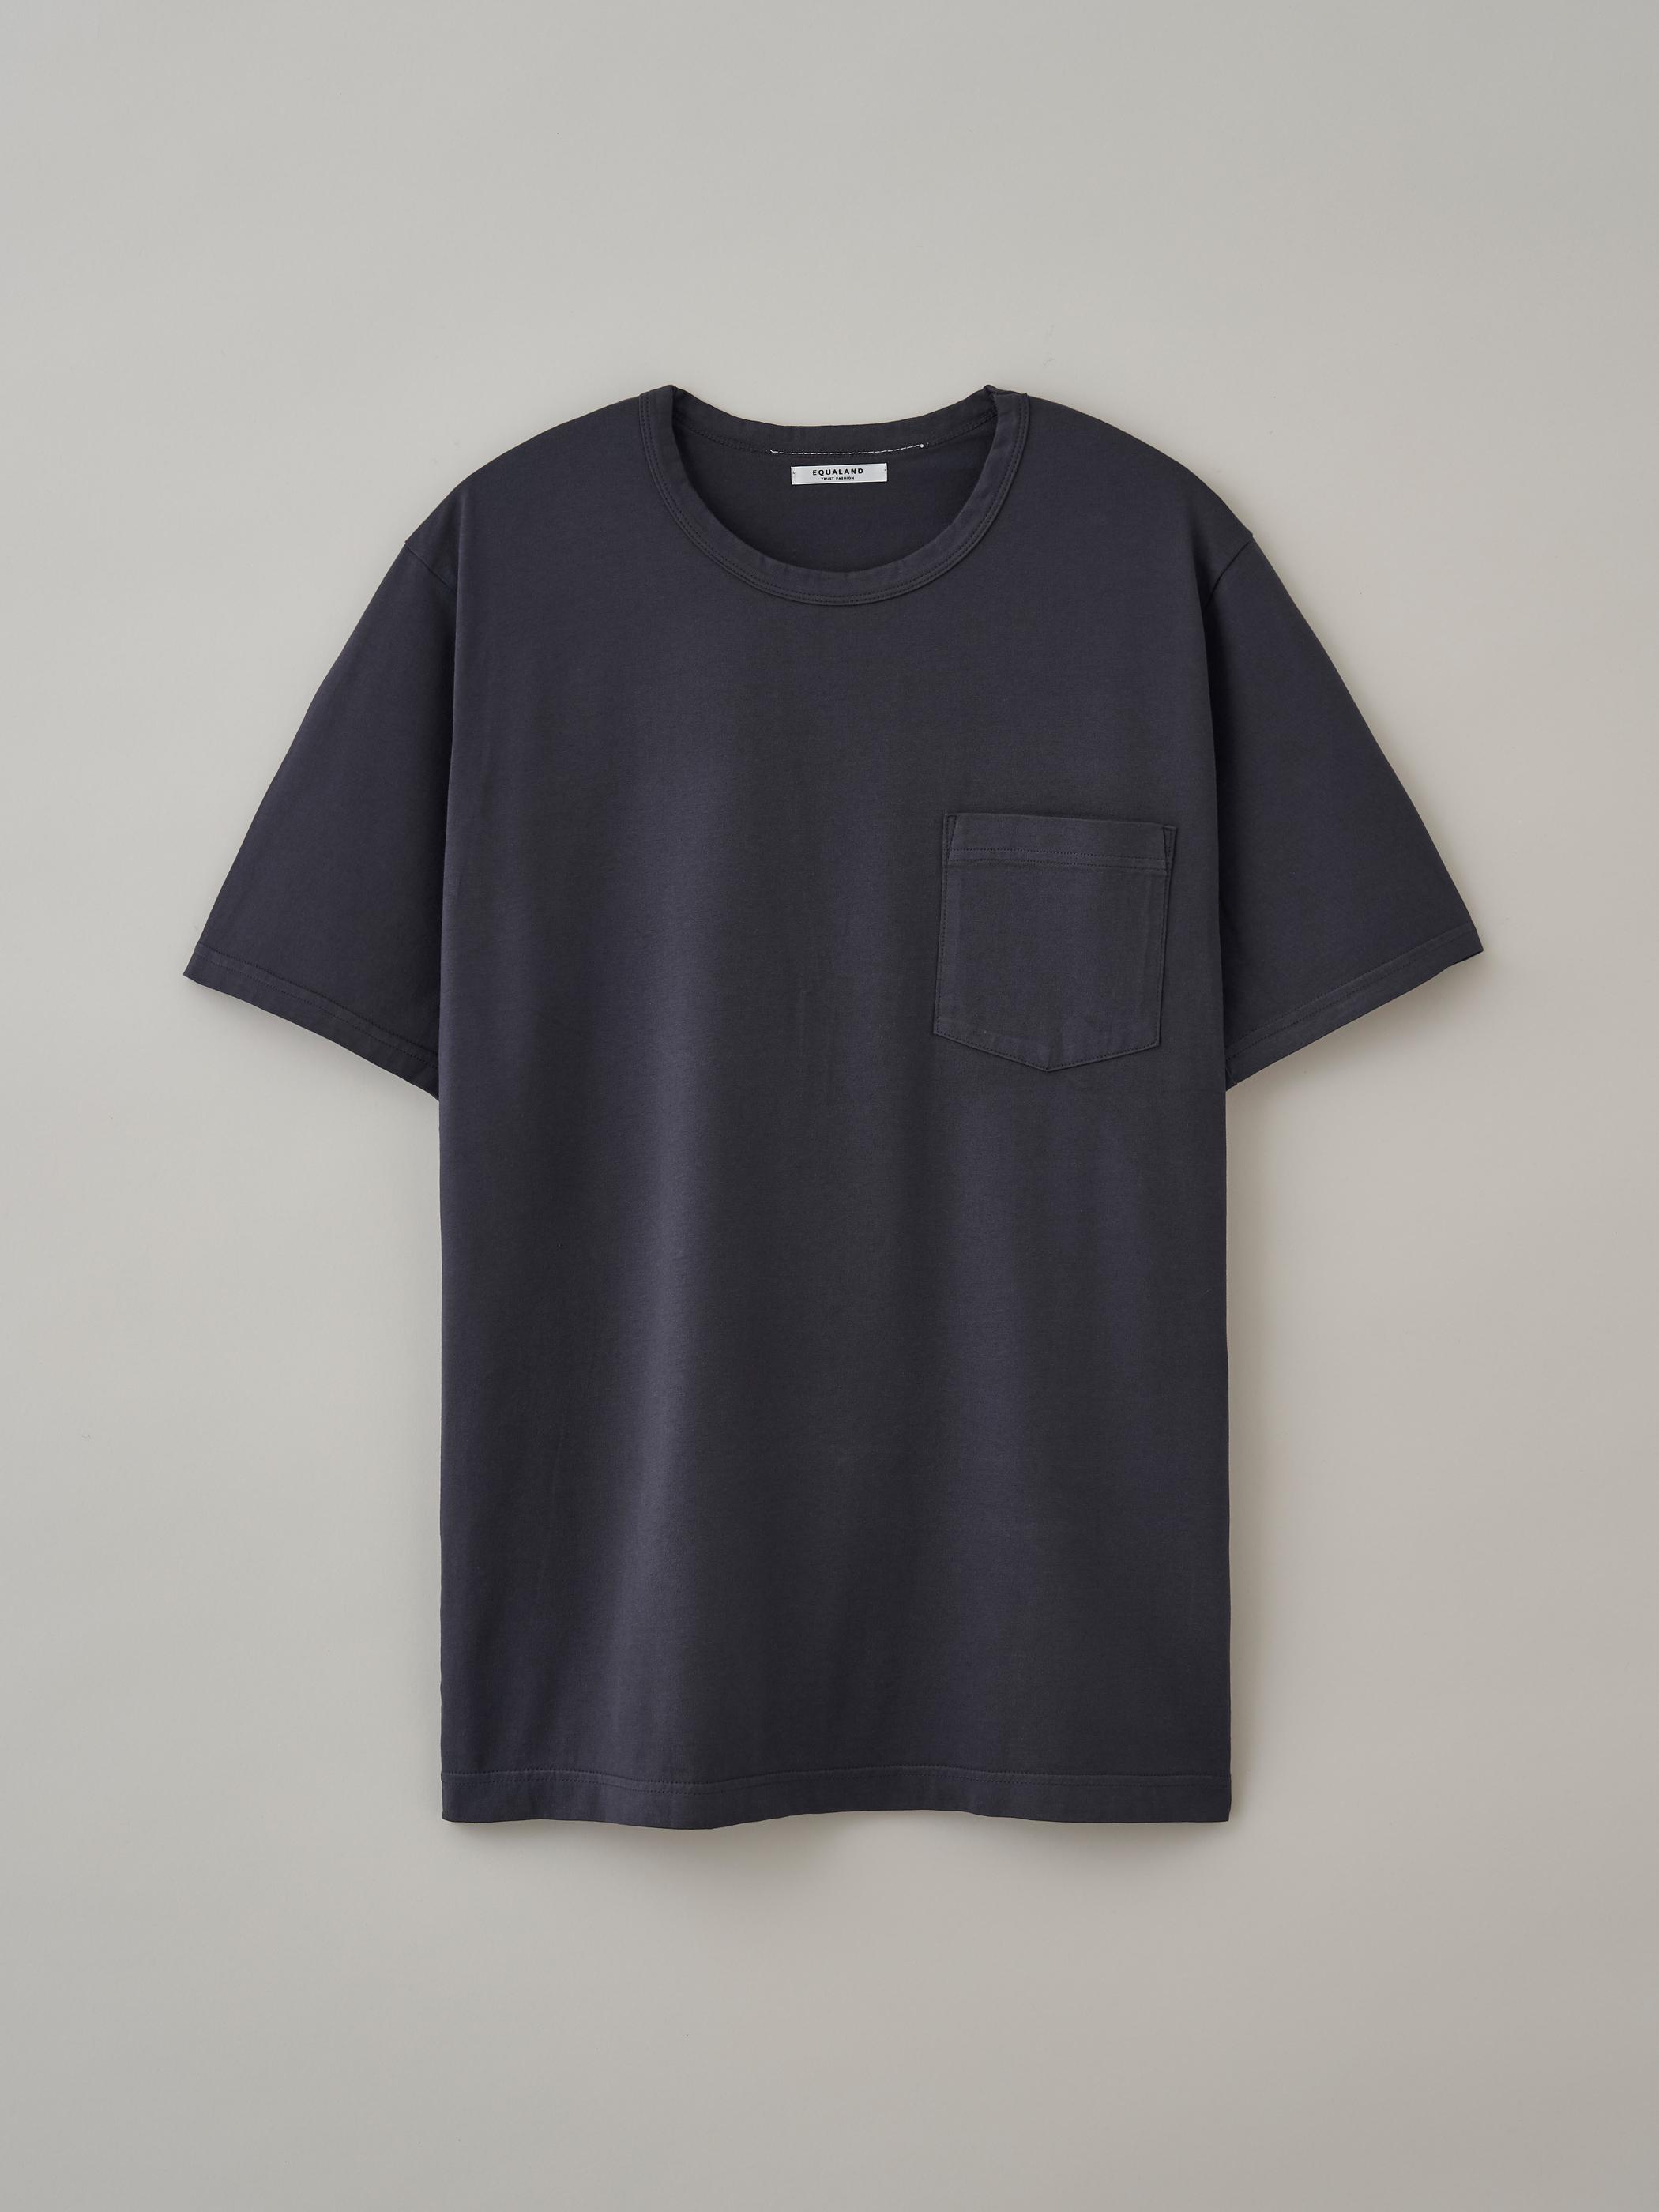 ポケットTシャツ #05バンブーチャコール